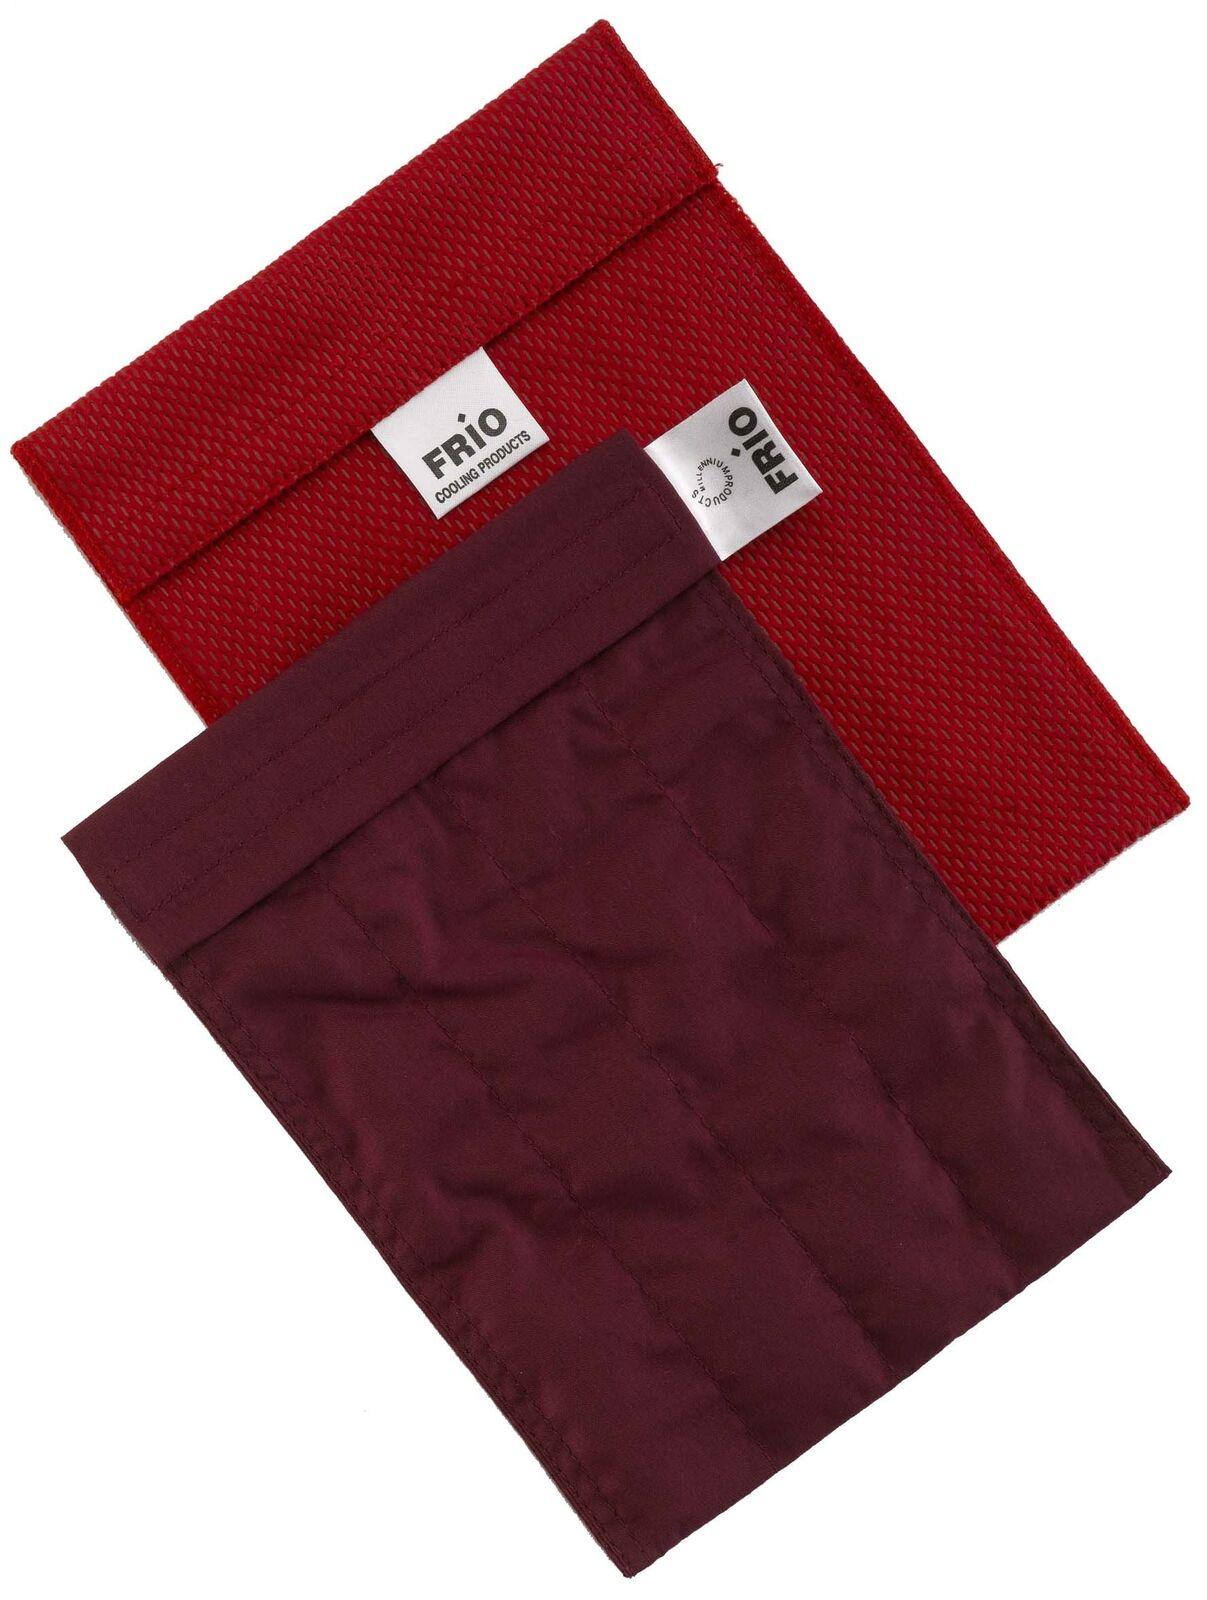 FRIO - Custodia termica per insulina, 14 x 19 cm, colore Rosso (Red)